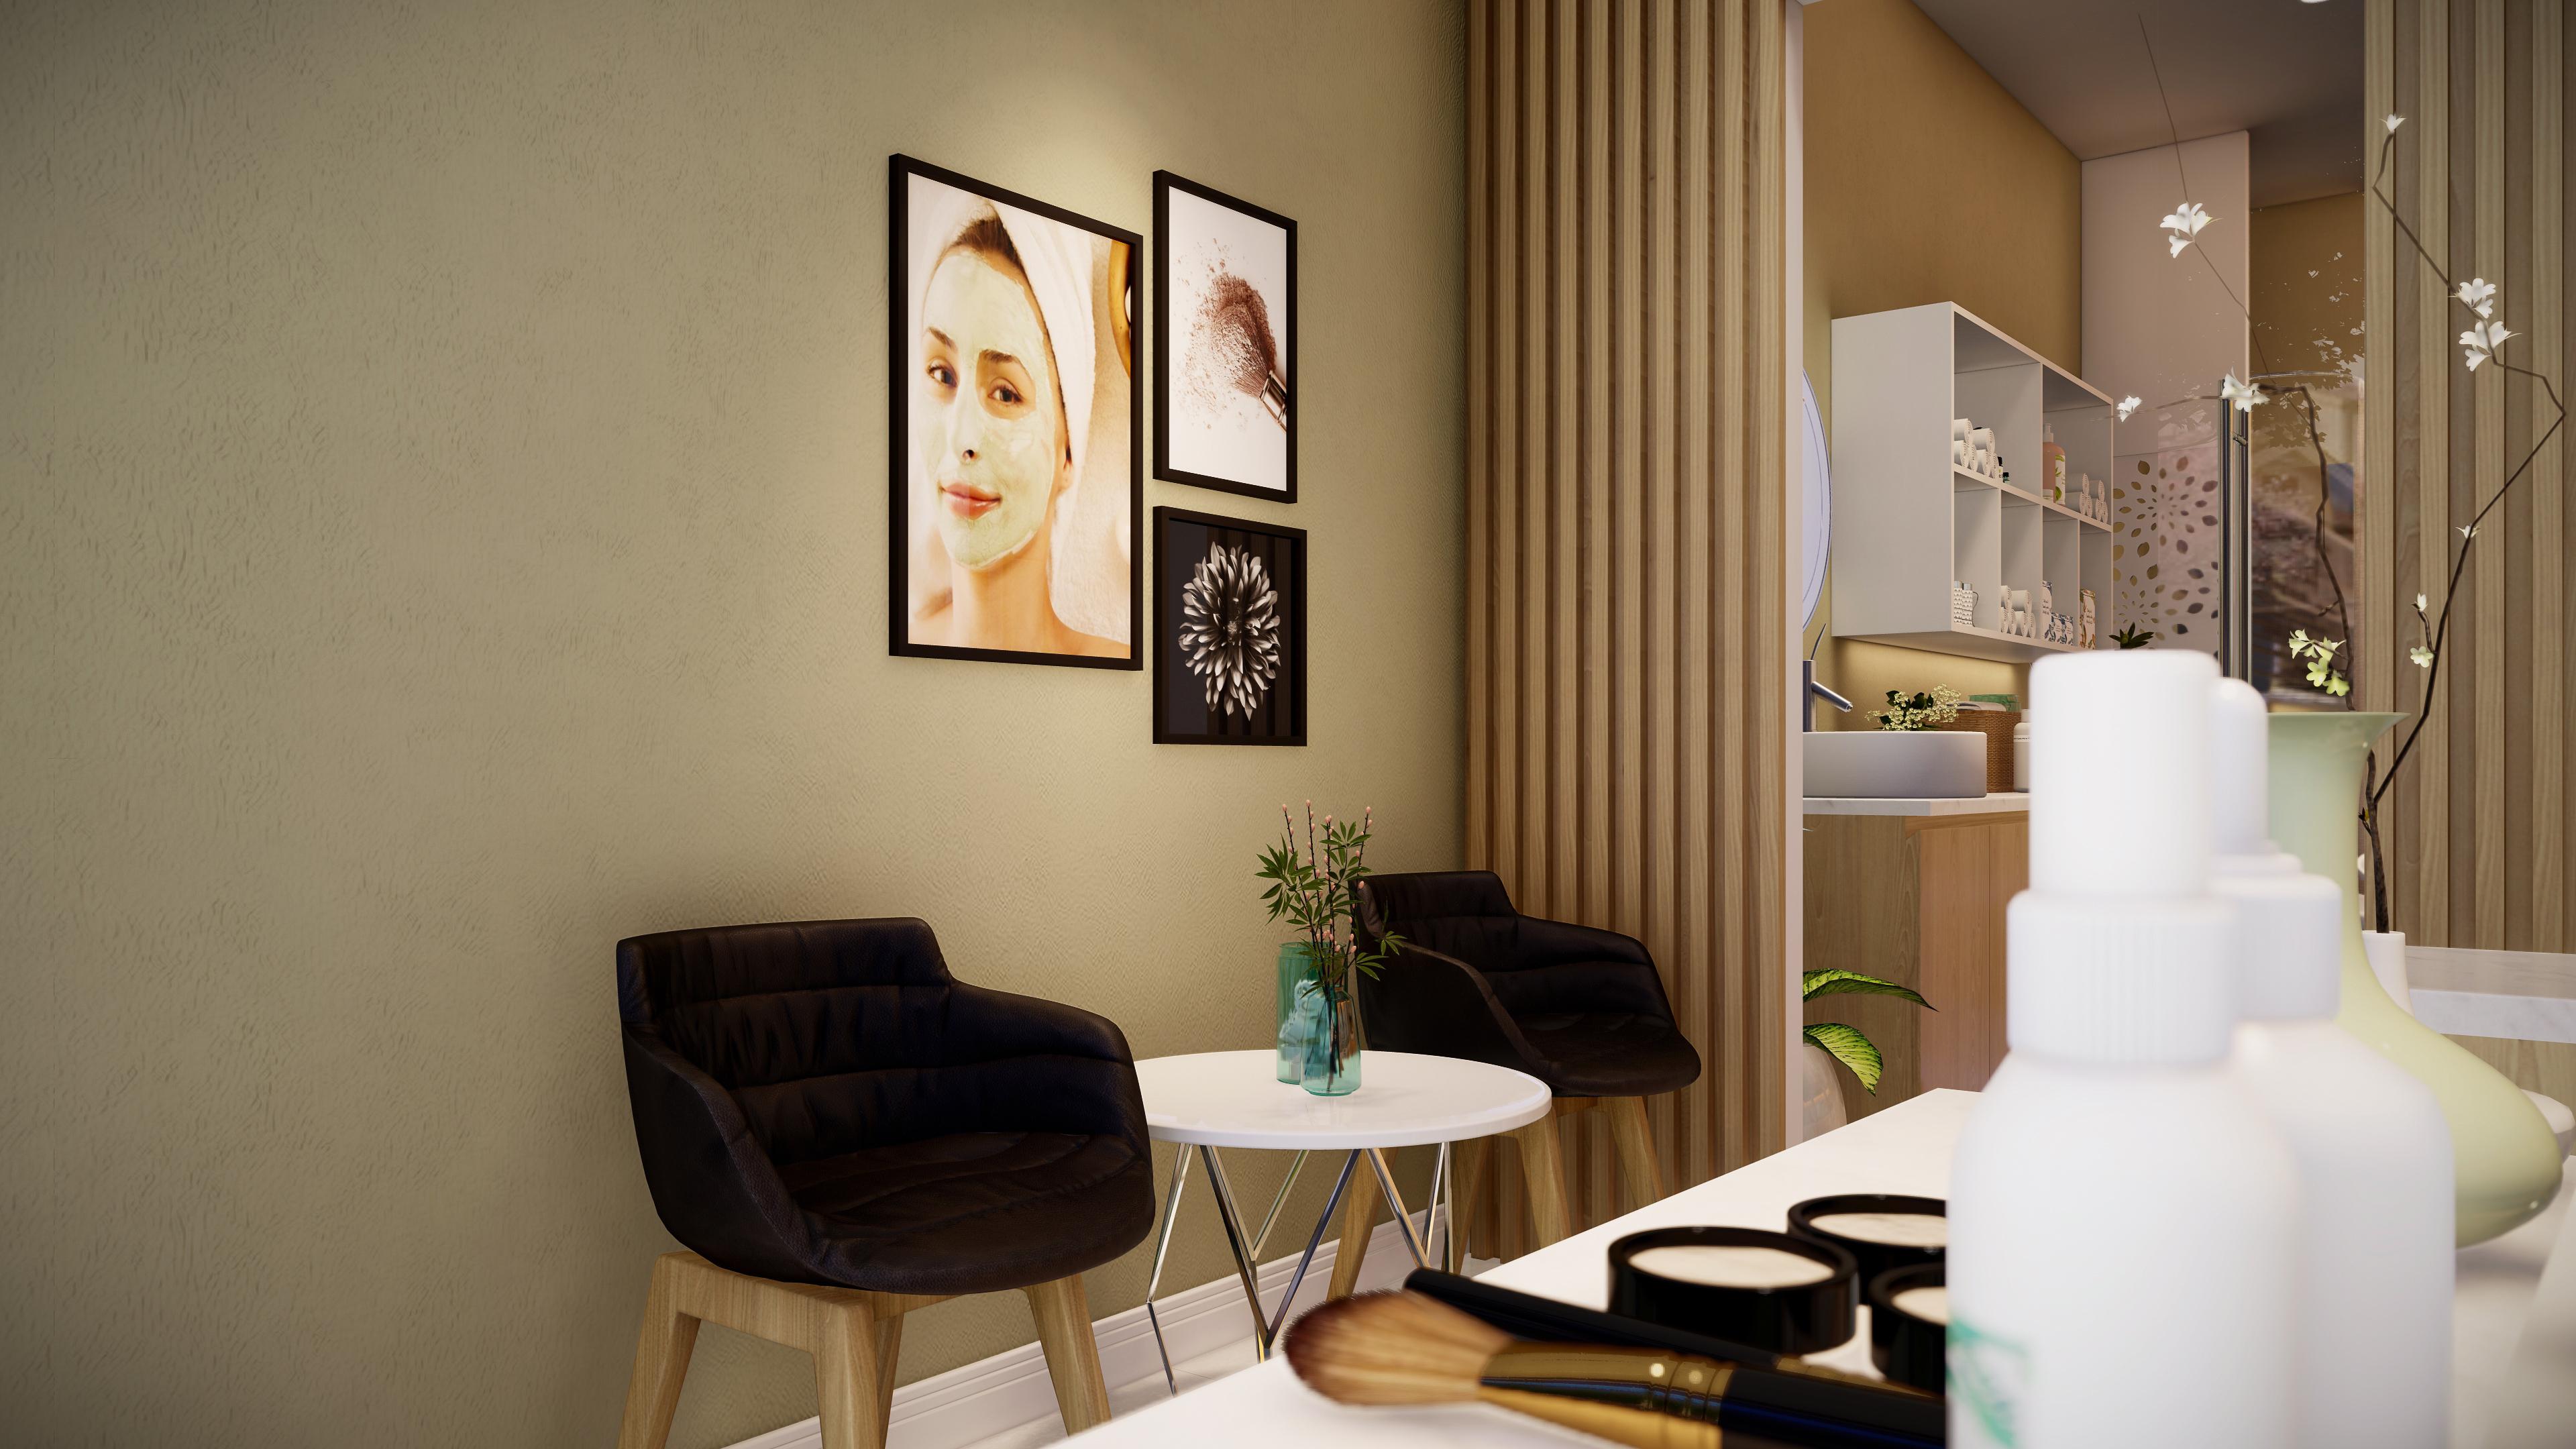 Thiết kế nội thất Spa tại Hồ Chí Minh HCM.MRGIANG-SHOP&SPA 1590203829 6